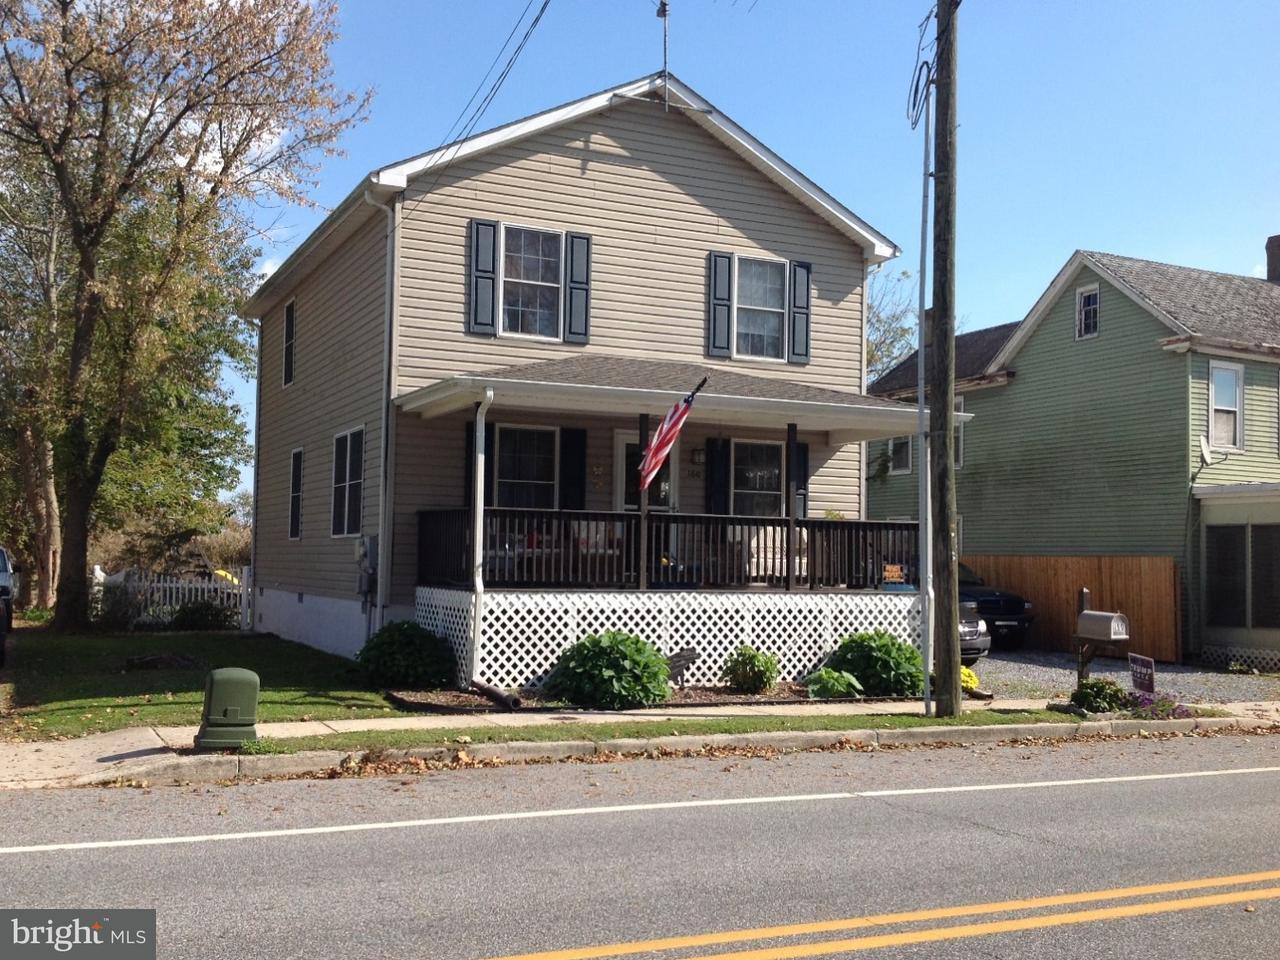 一戸建て のために 売買 アット 160 MAIN Street Little Creek, デラウェア 19901 アメリカ合衆国